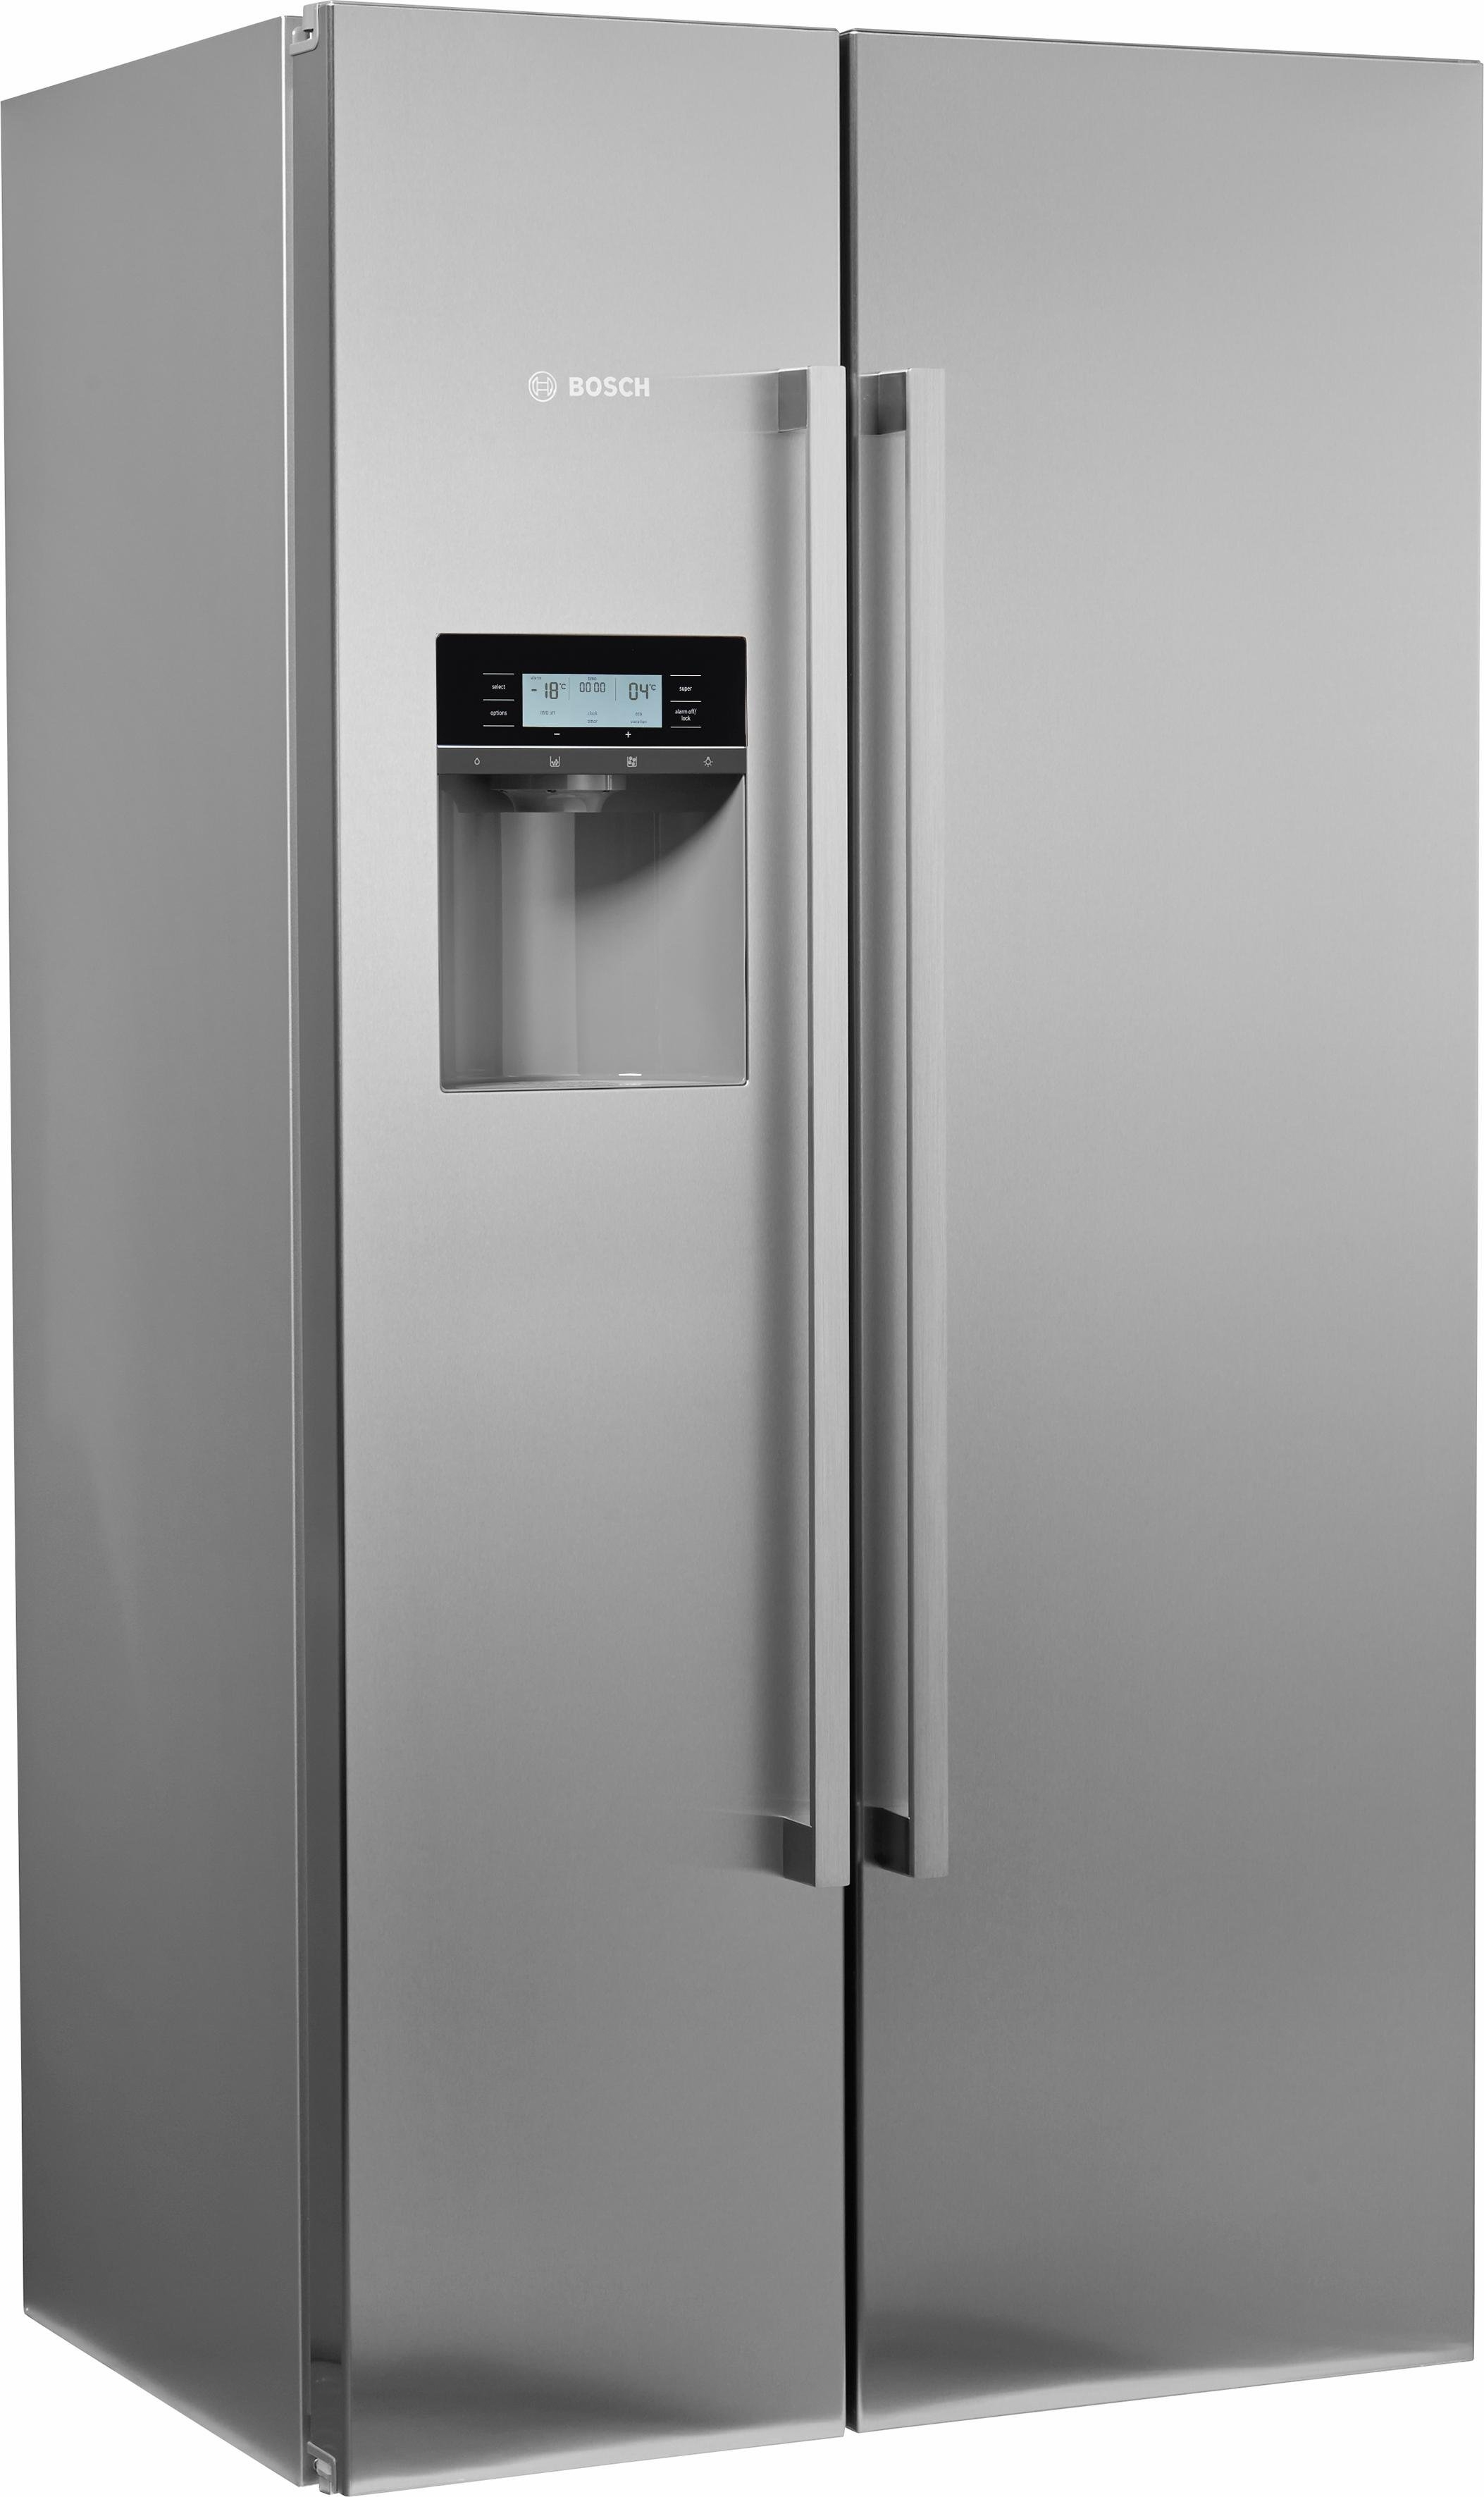 Bosch side-by-side-koelkast KAD92HI30, A++, 175,6 cm hoog, No Frost goedkoop op otto.nl kopen